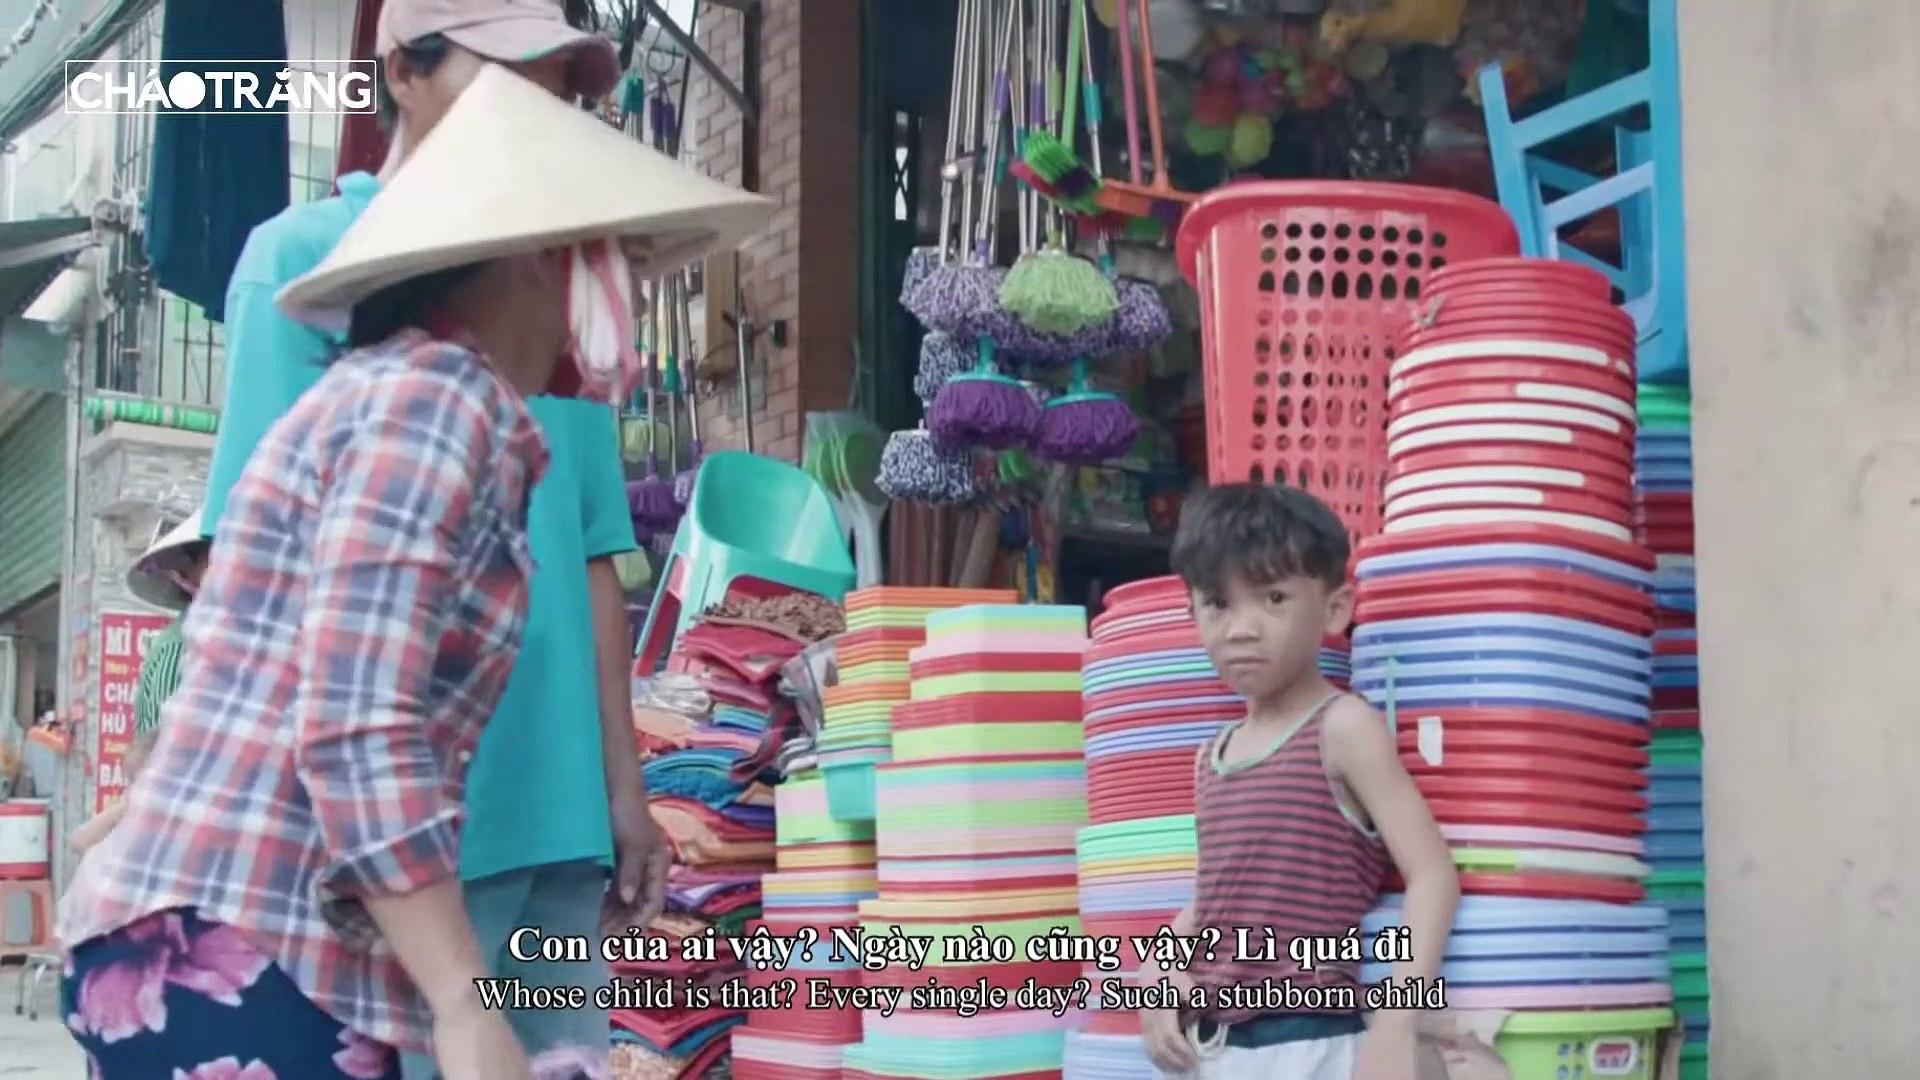 Túi đồ cho đứa bé ăn trộm và cái kết 20 năm sau - Phim Ngắn 2019 - Cháo Trắng 03